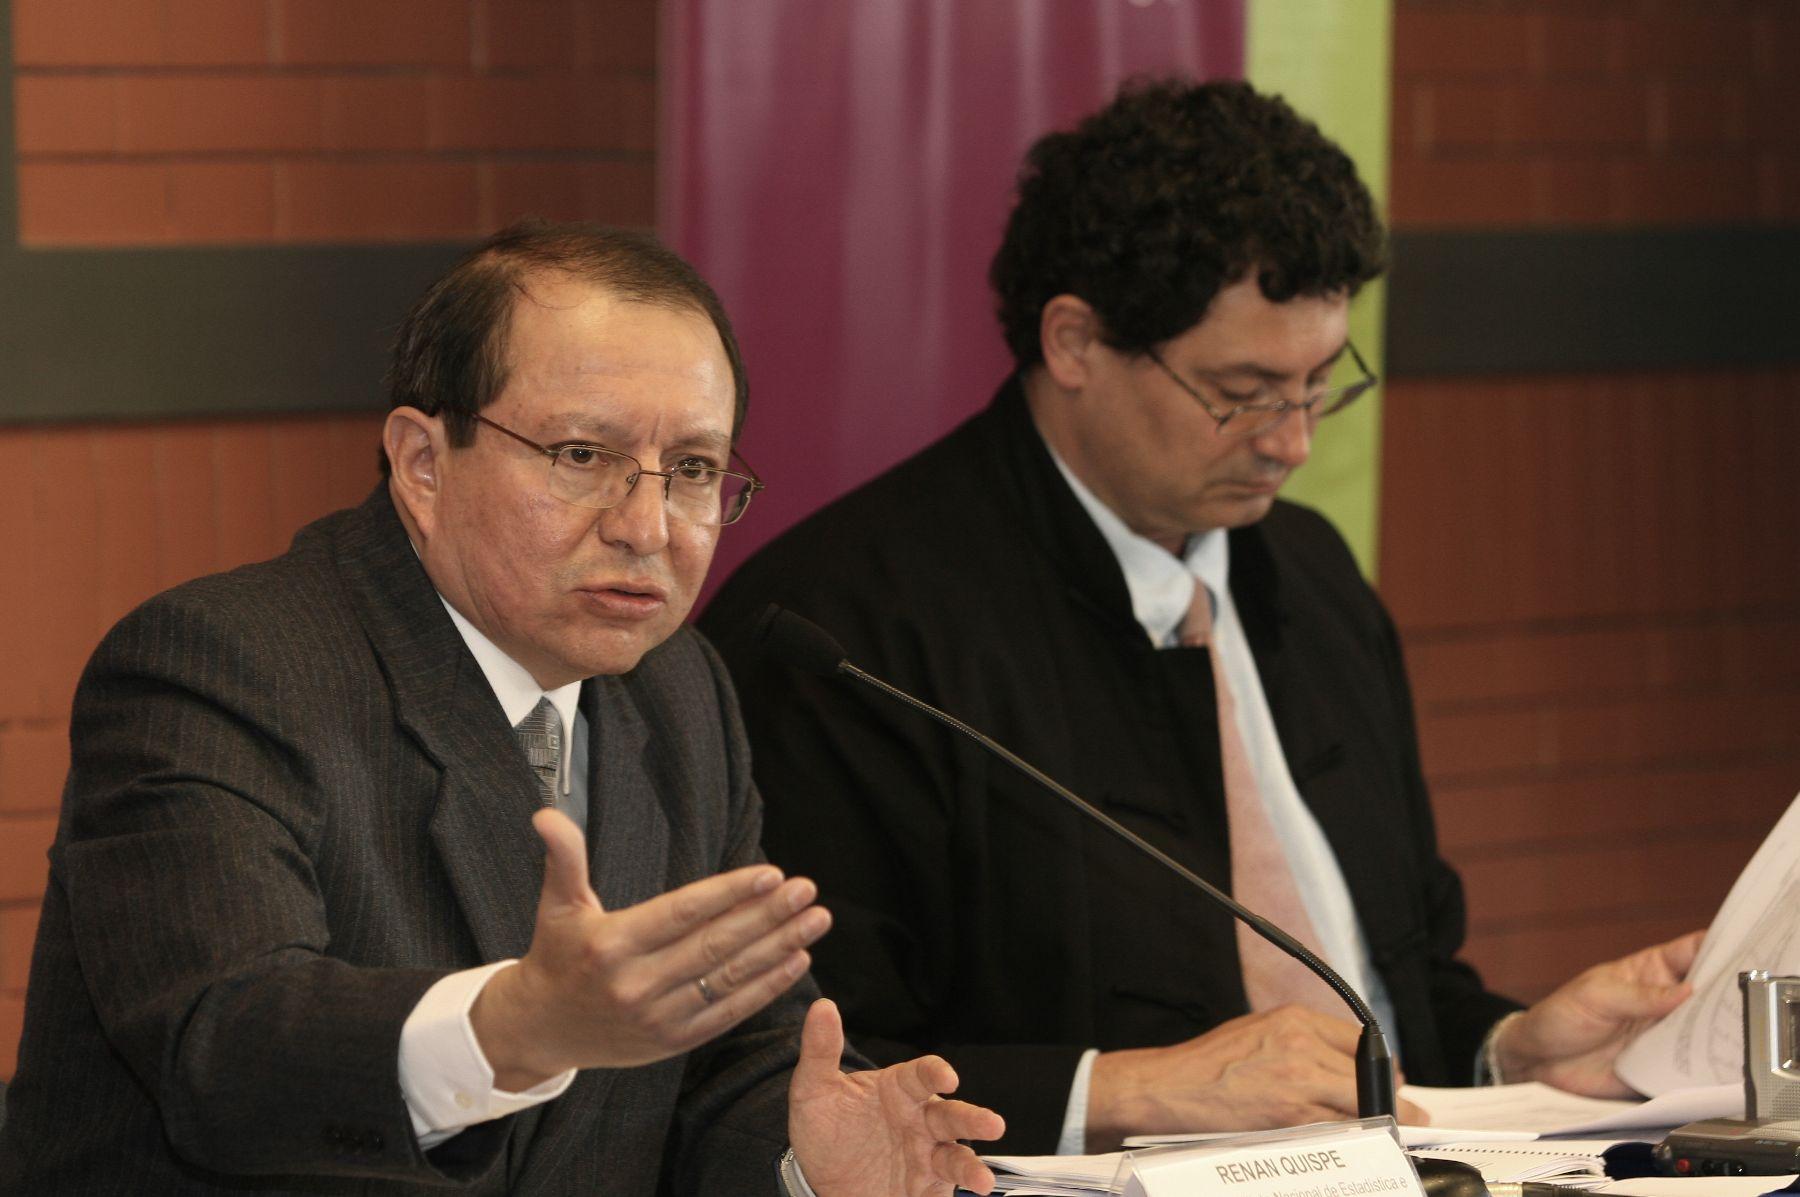 Jefe del Instituto Nacional de Estadistica e Informatica (INEI), Renán Quispe ,presenta cifras sobre la Pobreza en el Perú (2004-2007). Foto.ANDINA/Norman Córdova